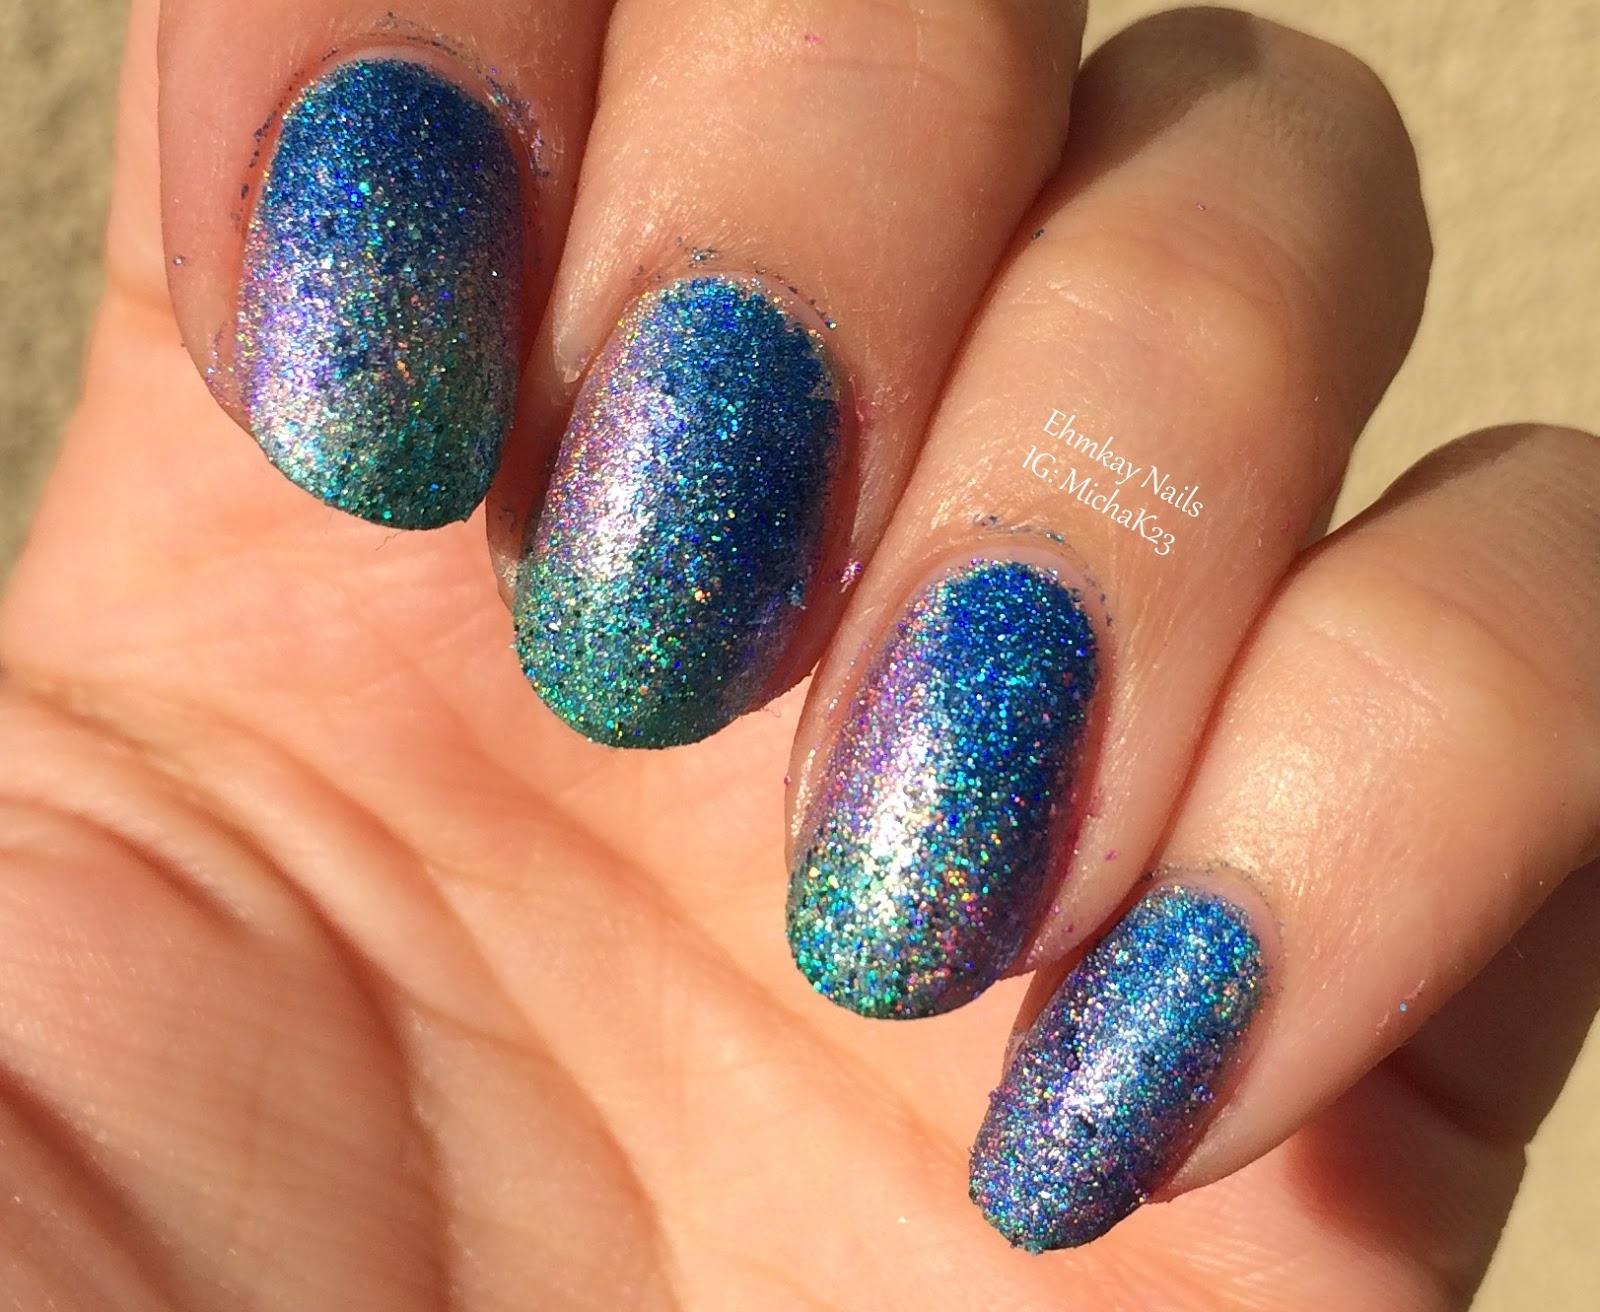 ehmkay nails: Mini Mani Moo Mess No More Review